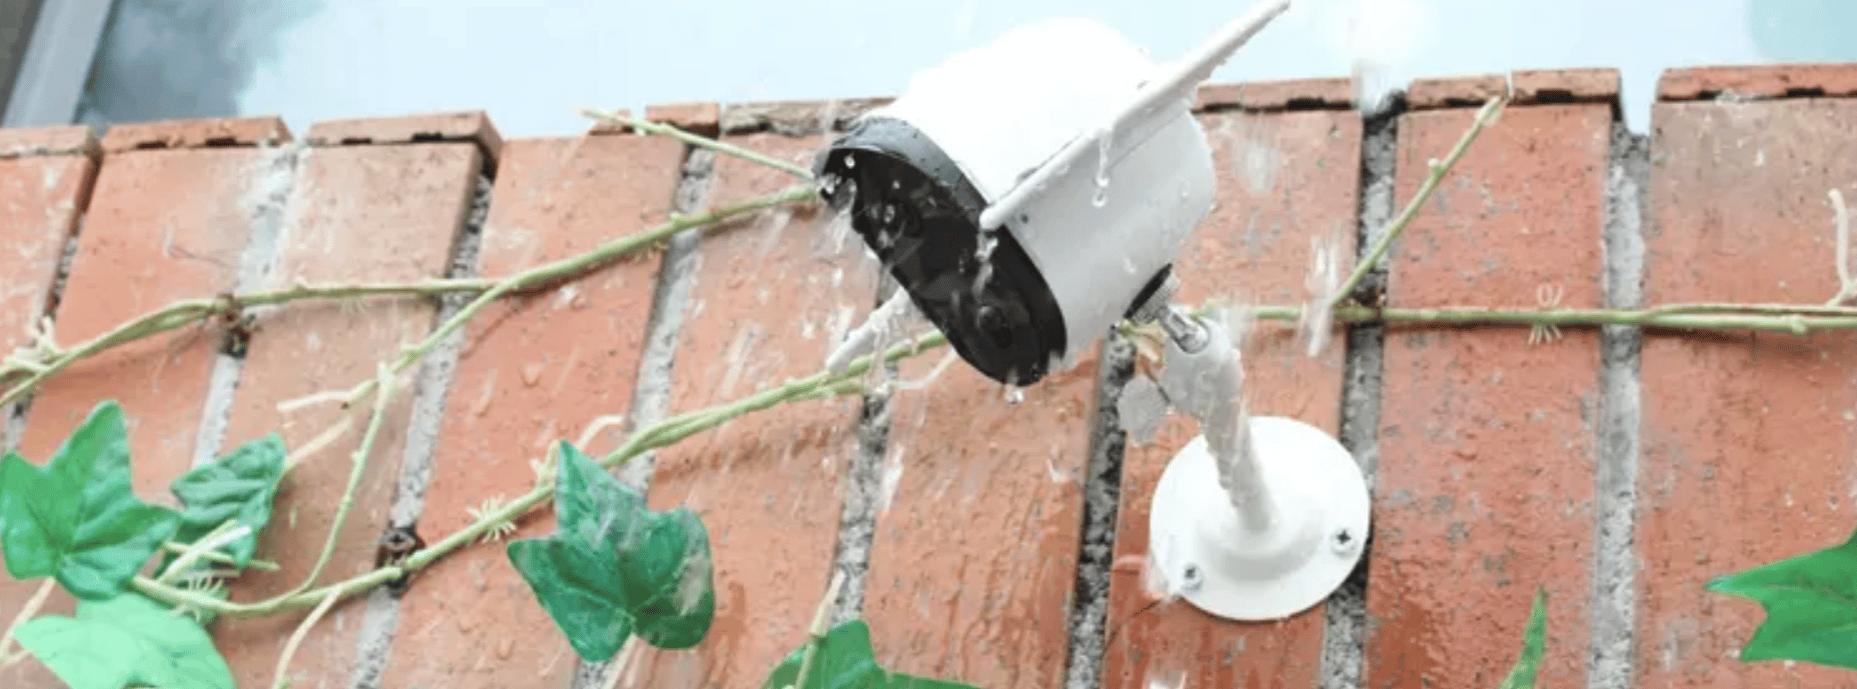 Soliom Outdoor Solar Security Camera Reviews | The Home